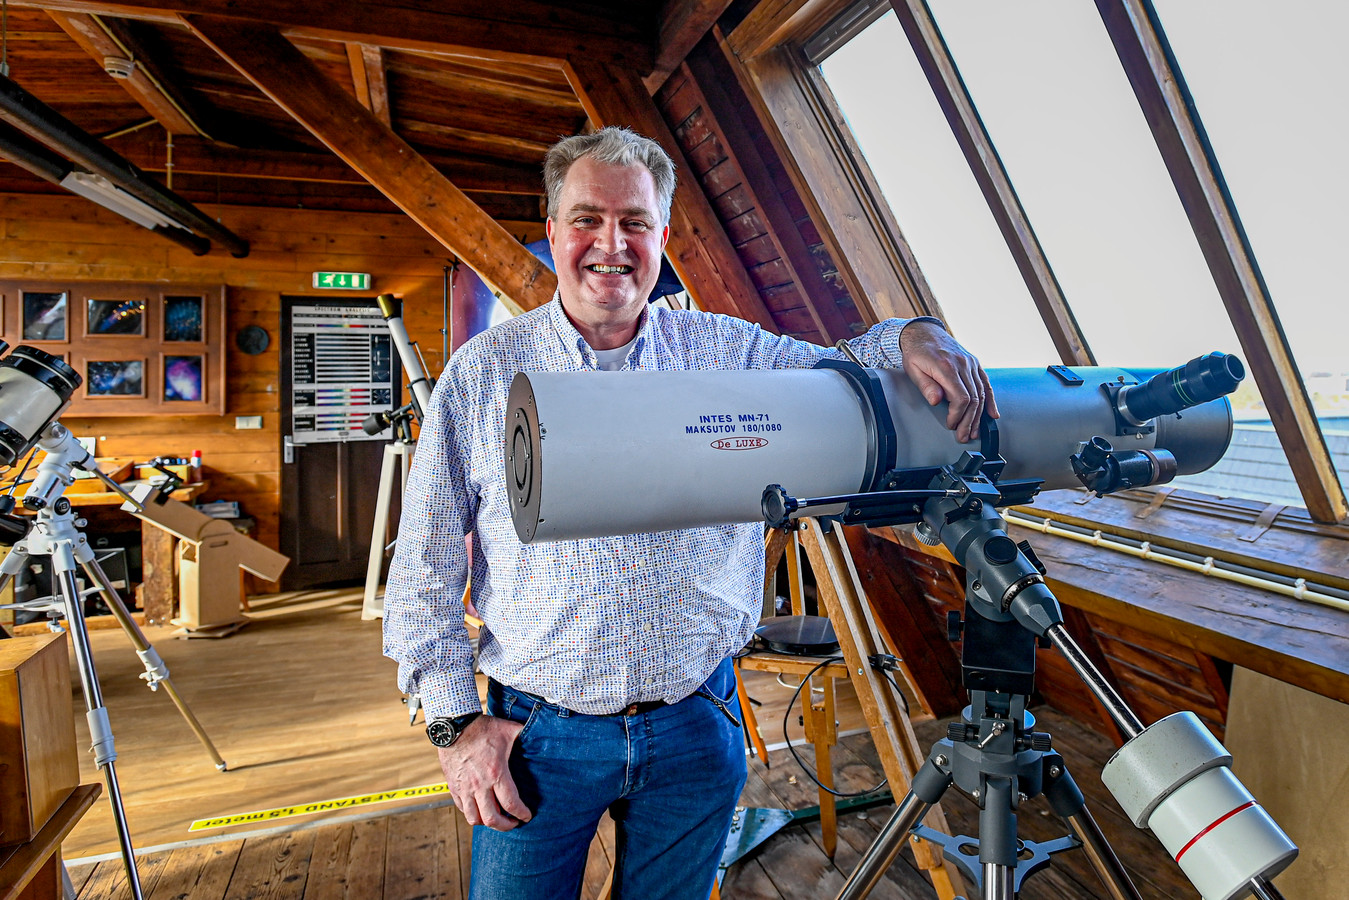 Herman Vissia, de man van Sterrenwacht Tivoli, is blij dat de interesse in het heelal toeneemt